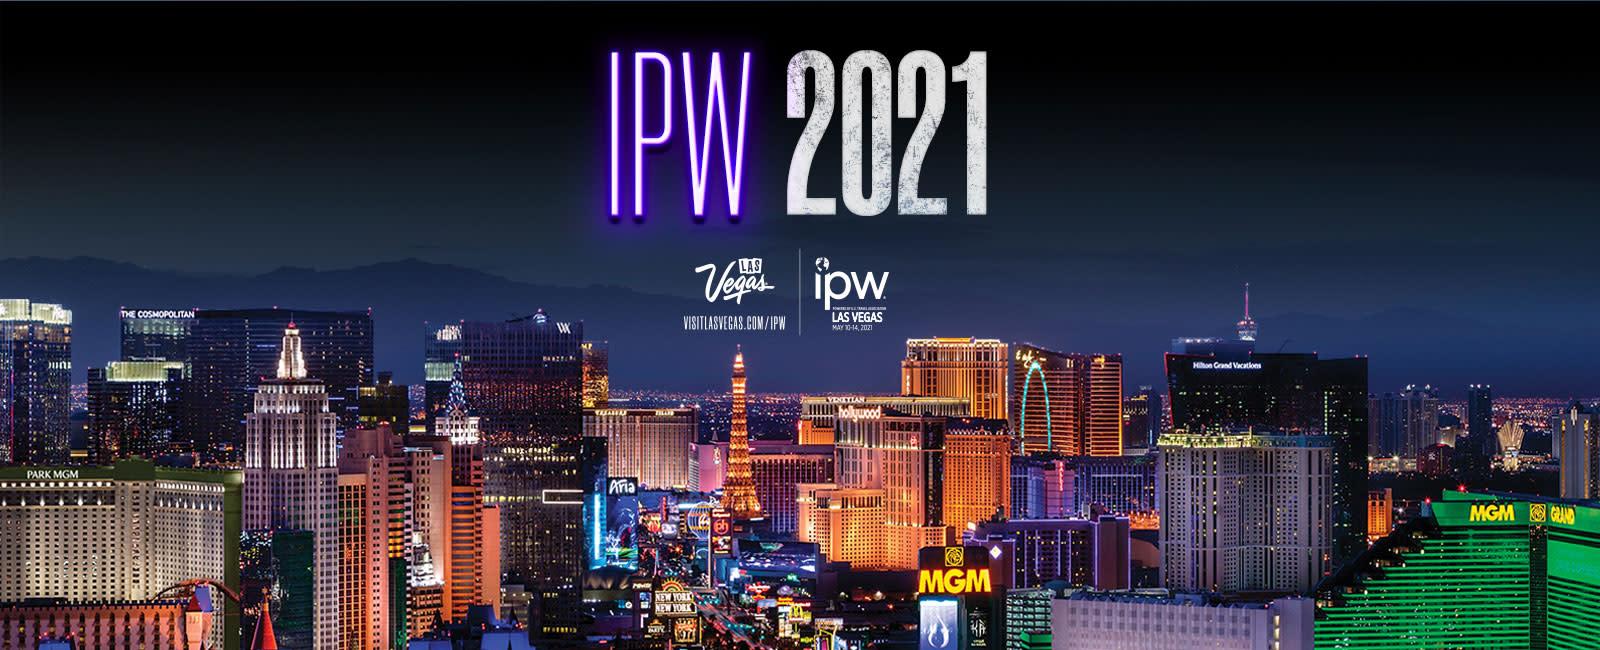 IPW 2021